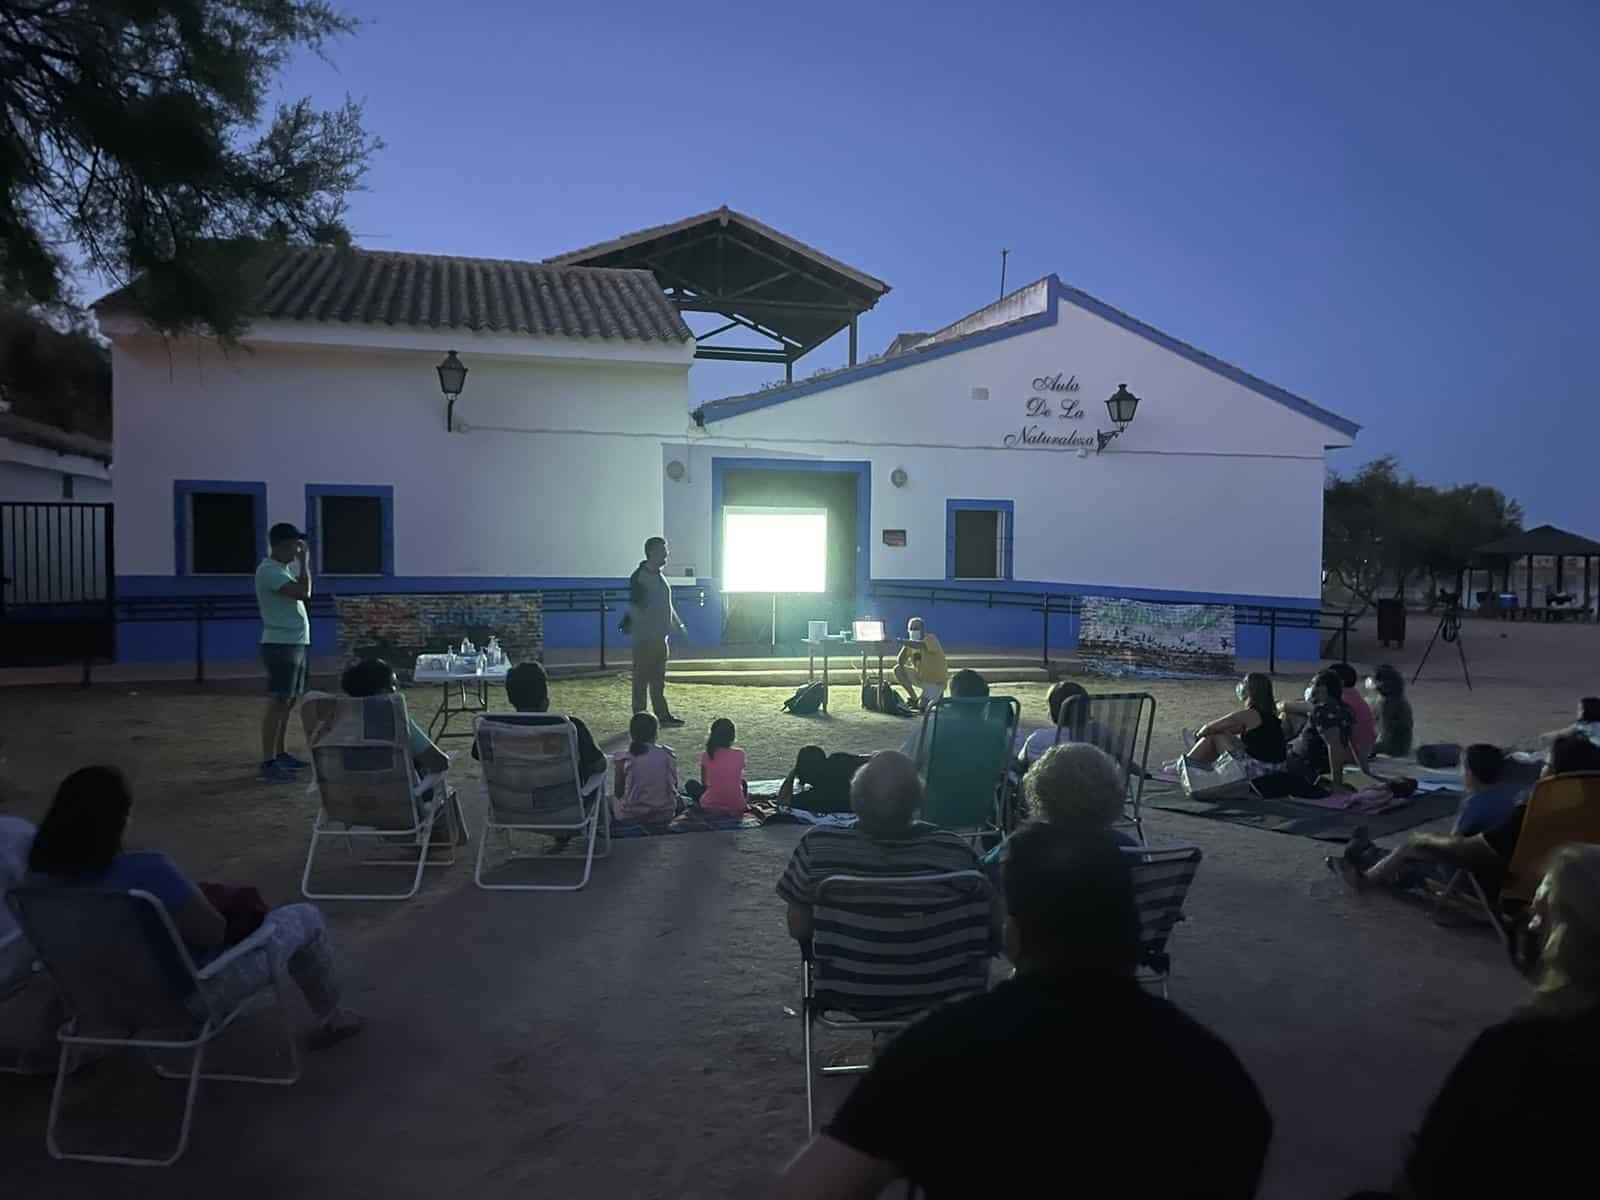 Vuelve el Escribano palustre a las Lagunas de Villafranca, una prueba más de la necesidad de conservar este ecosistema 21